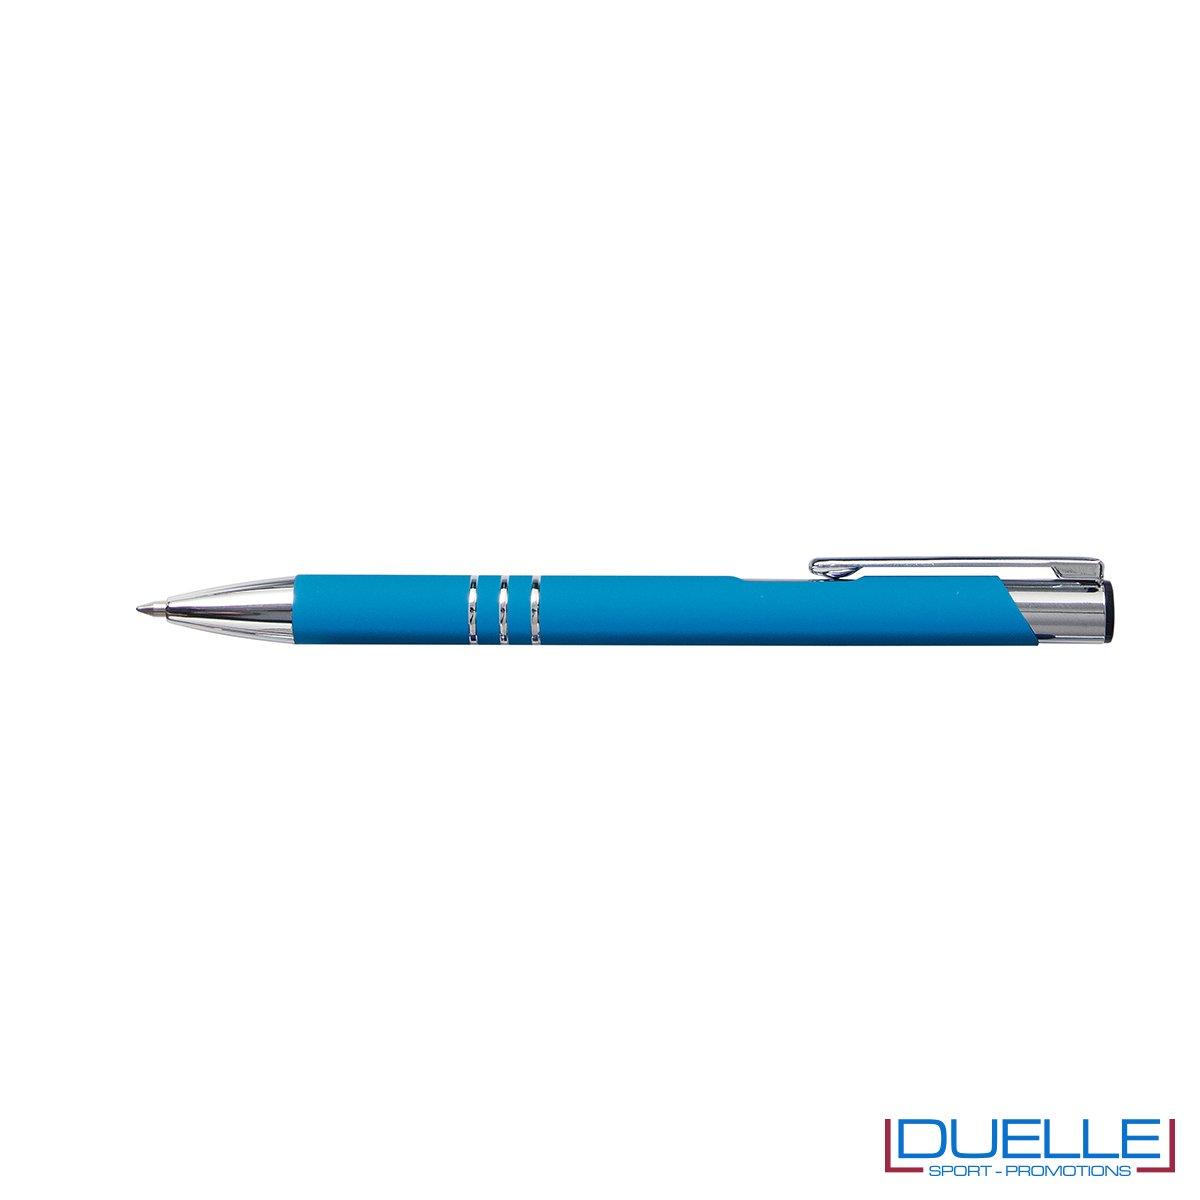 penna personalizzabile in metallo con finitura soft touch azzurra, penne personalizzate promozionali soft touch azzurre